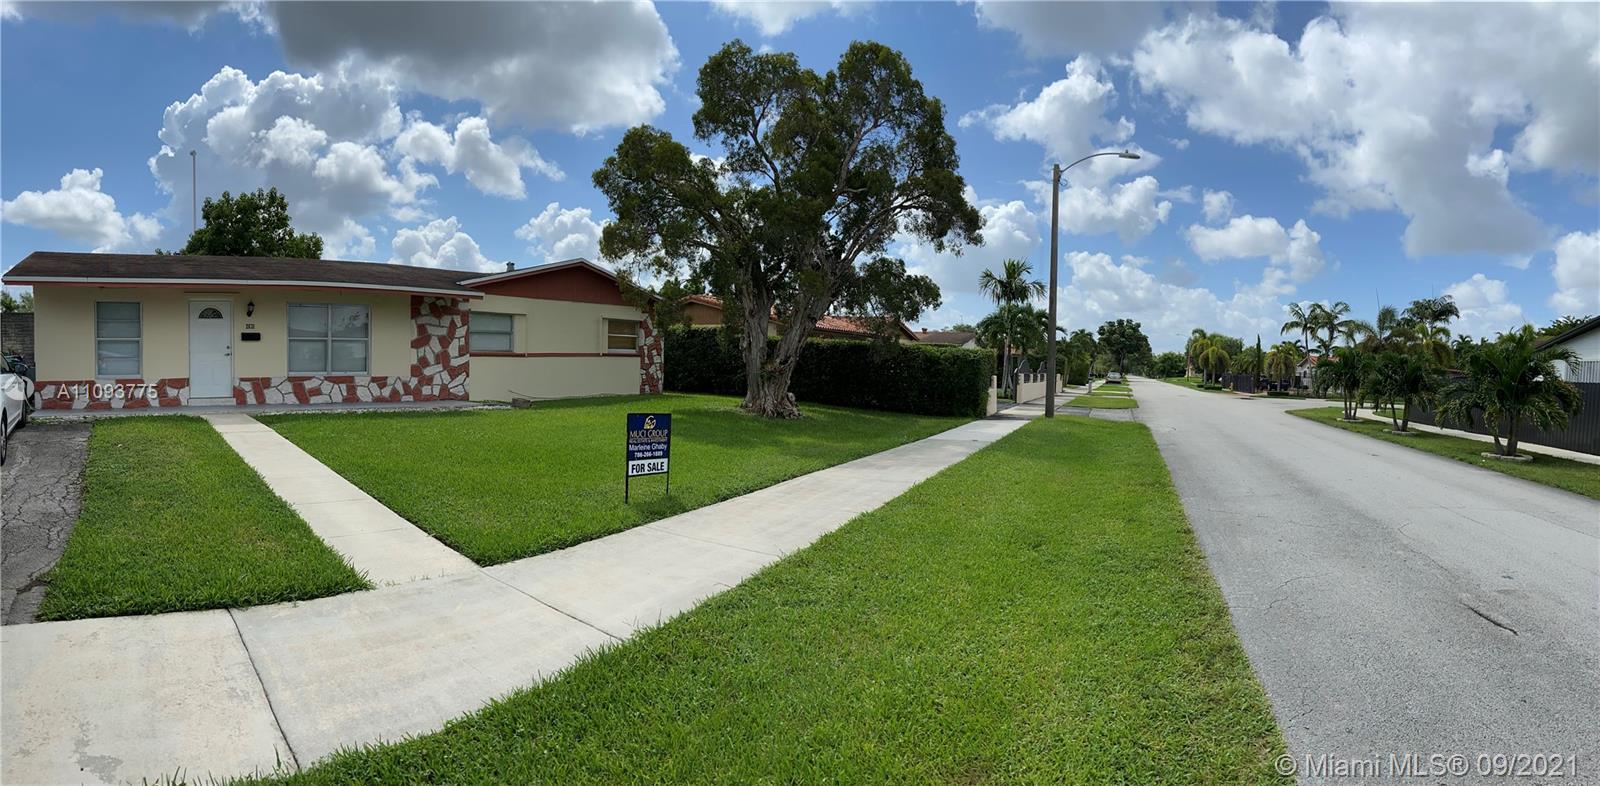 Southern Estates - 2631 SW 117th Ct, Miami, FL 33175